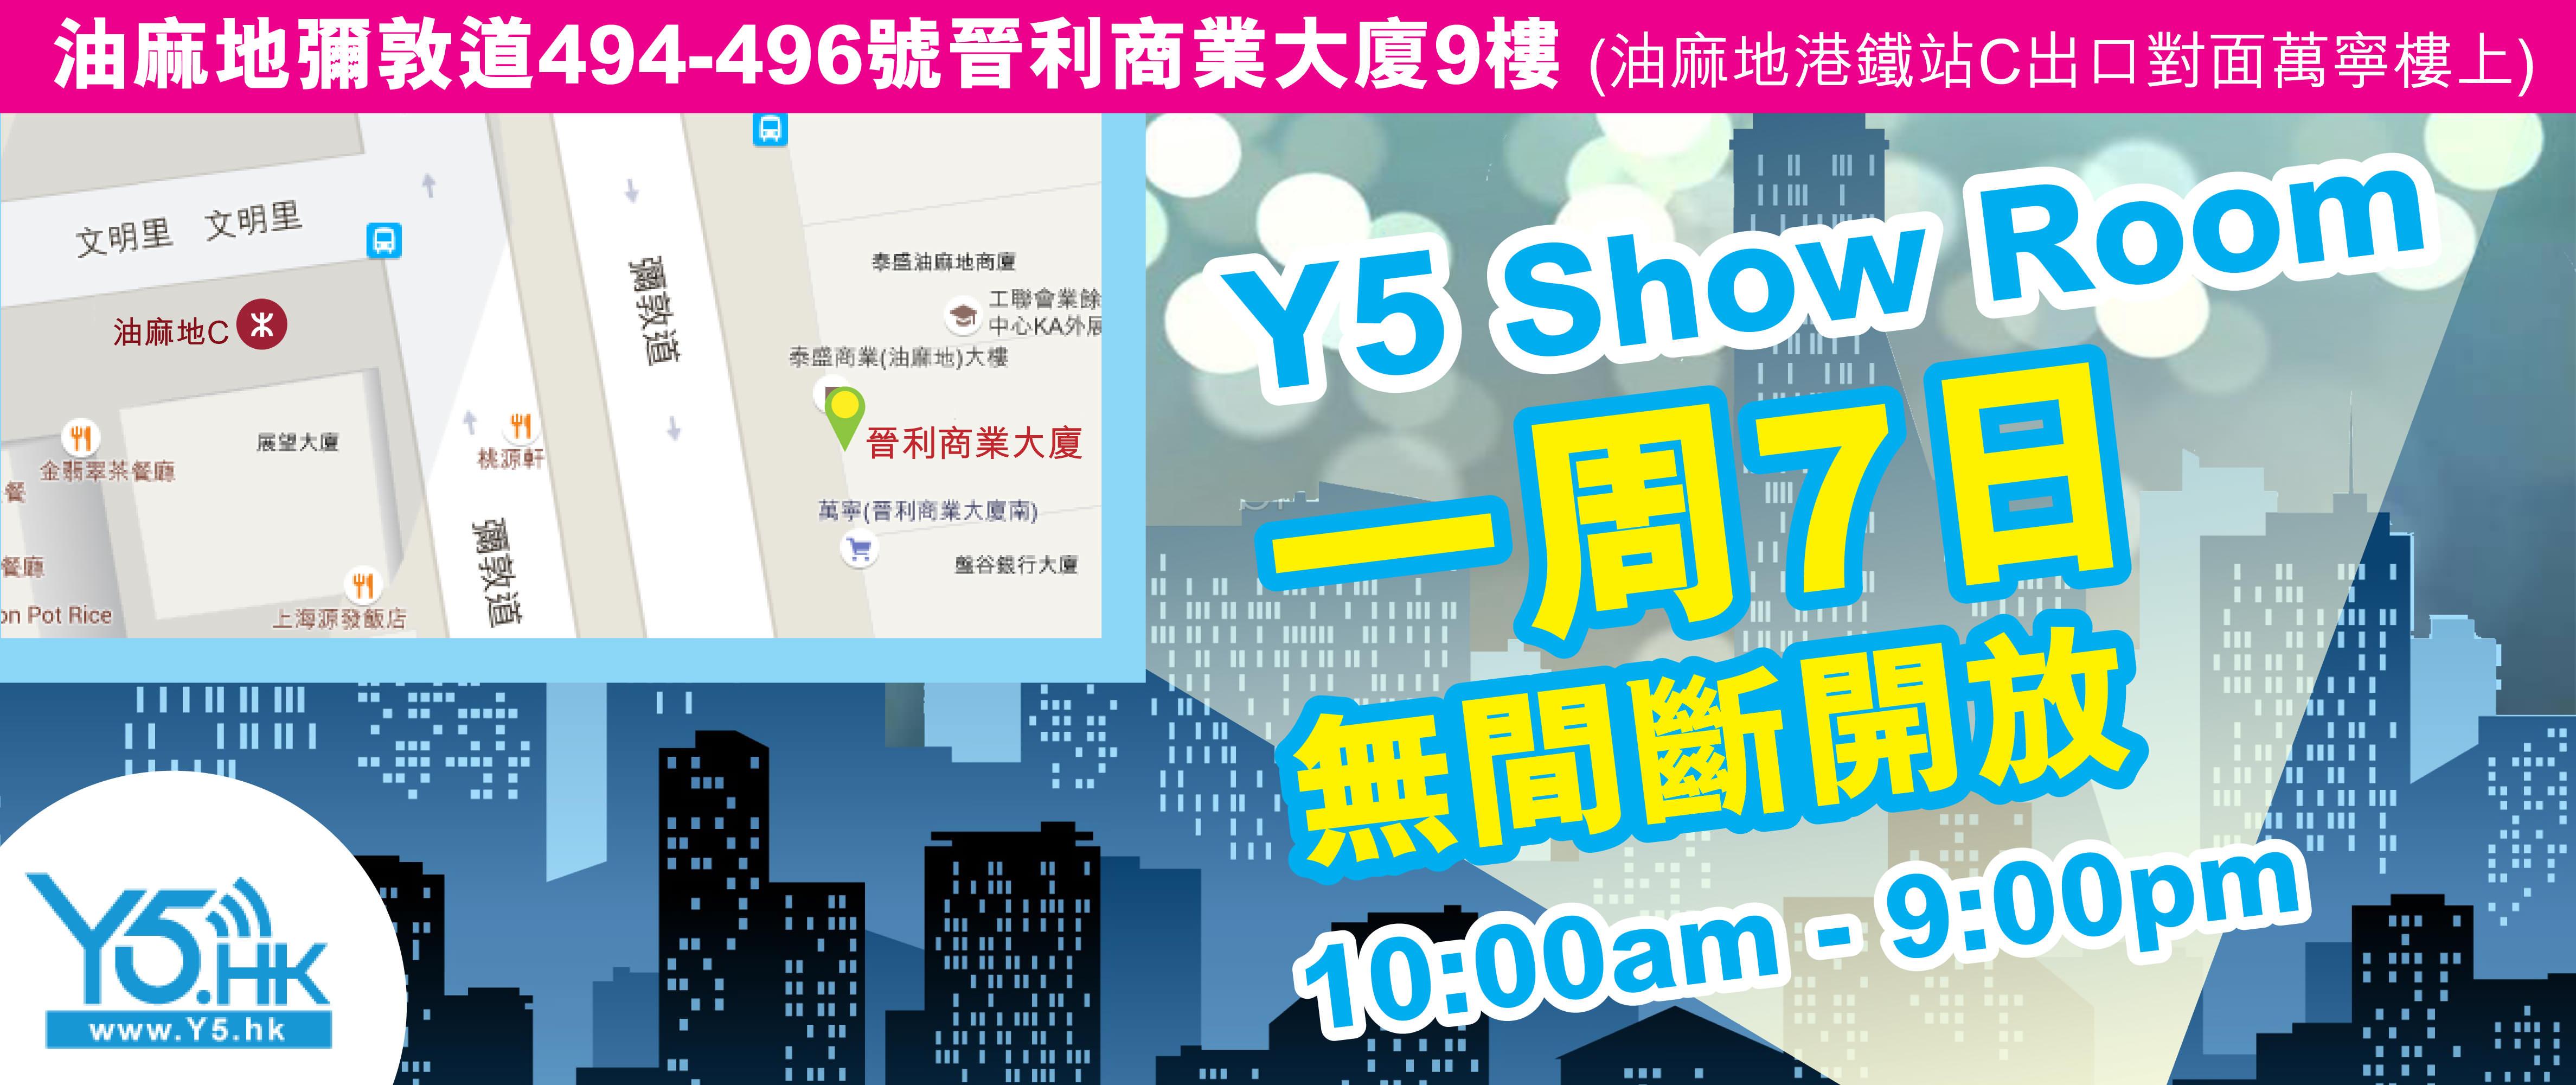 Y5 Show Room10-9-01